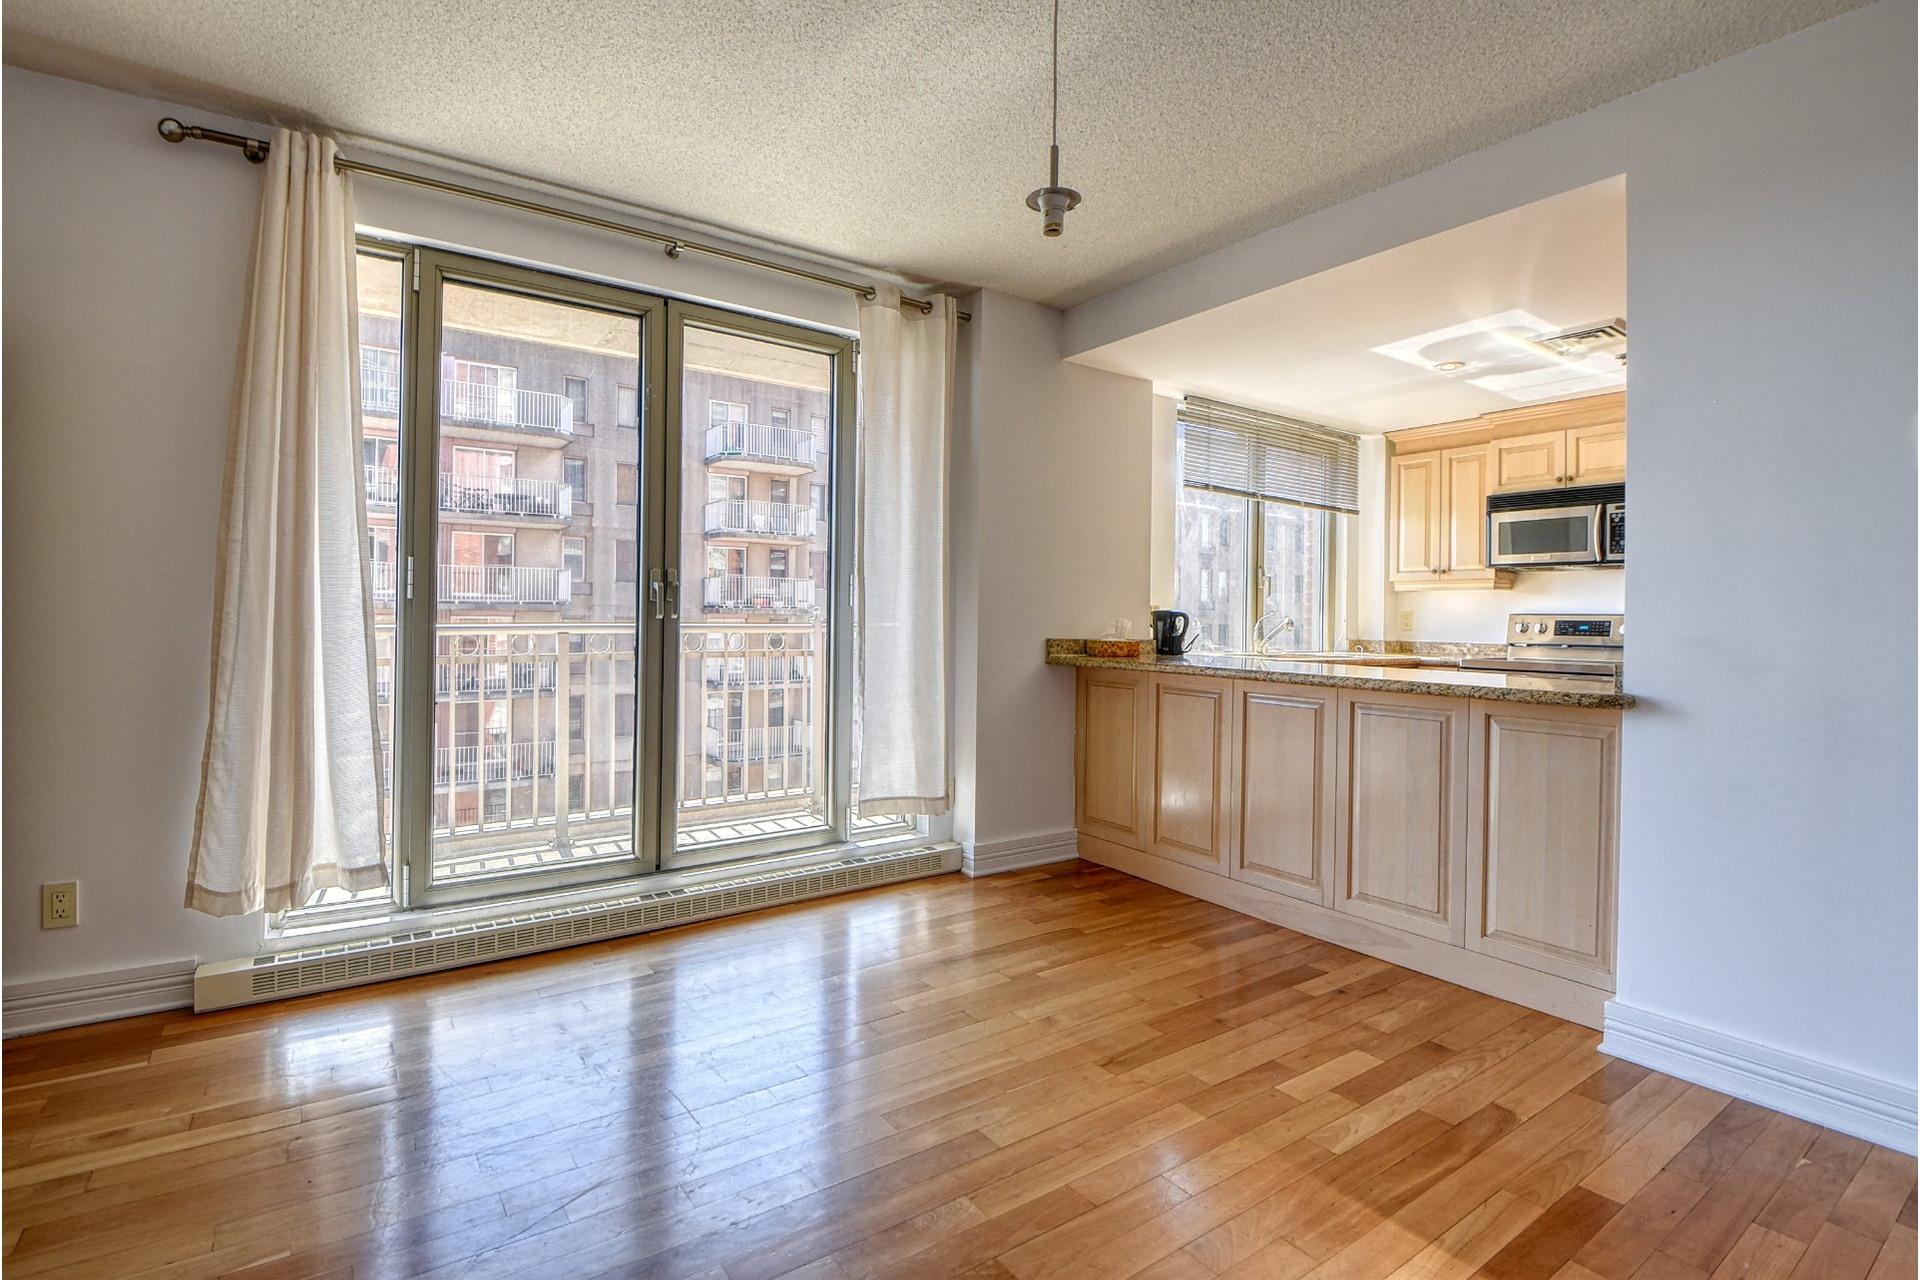 image 4 - Apartment For rent Ville-Marie Montréal  - 4 rooms